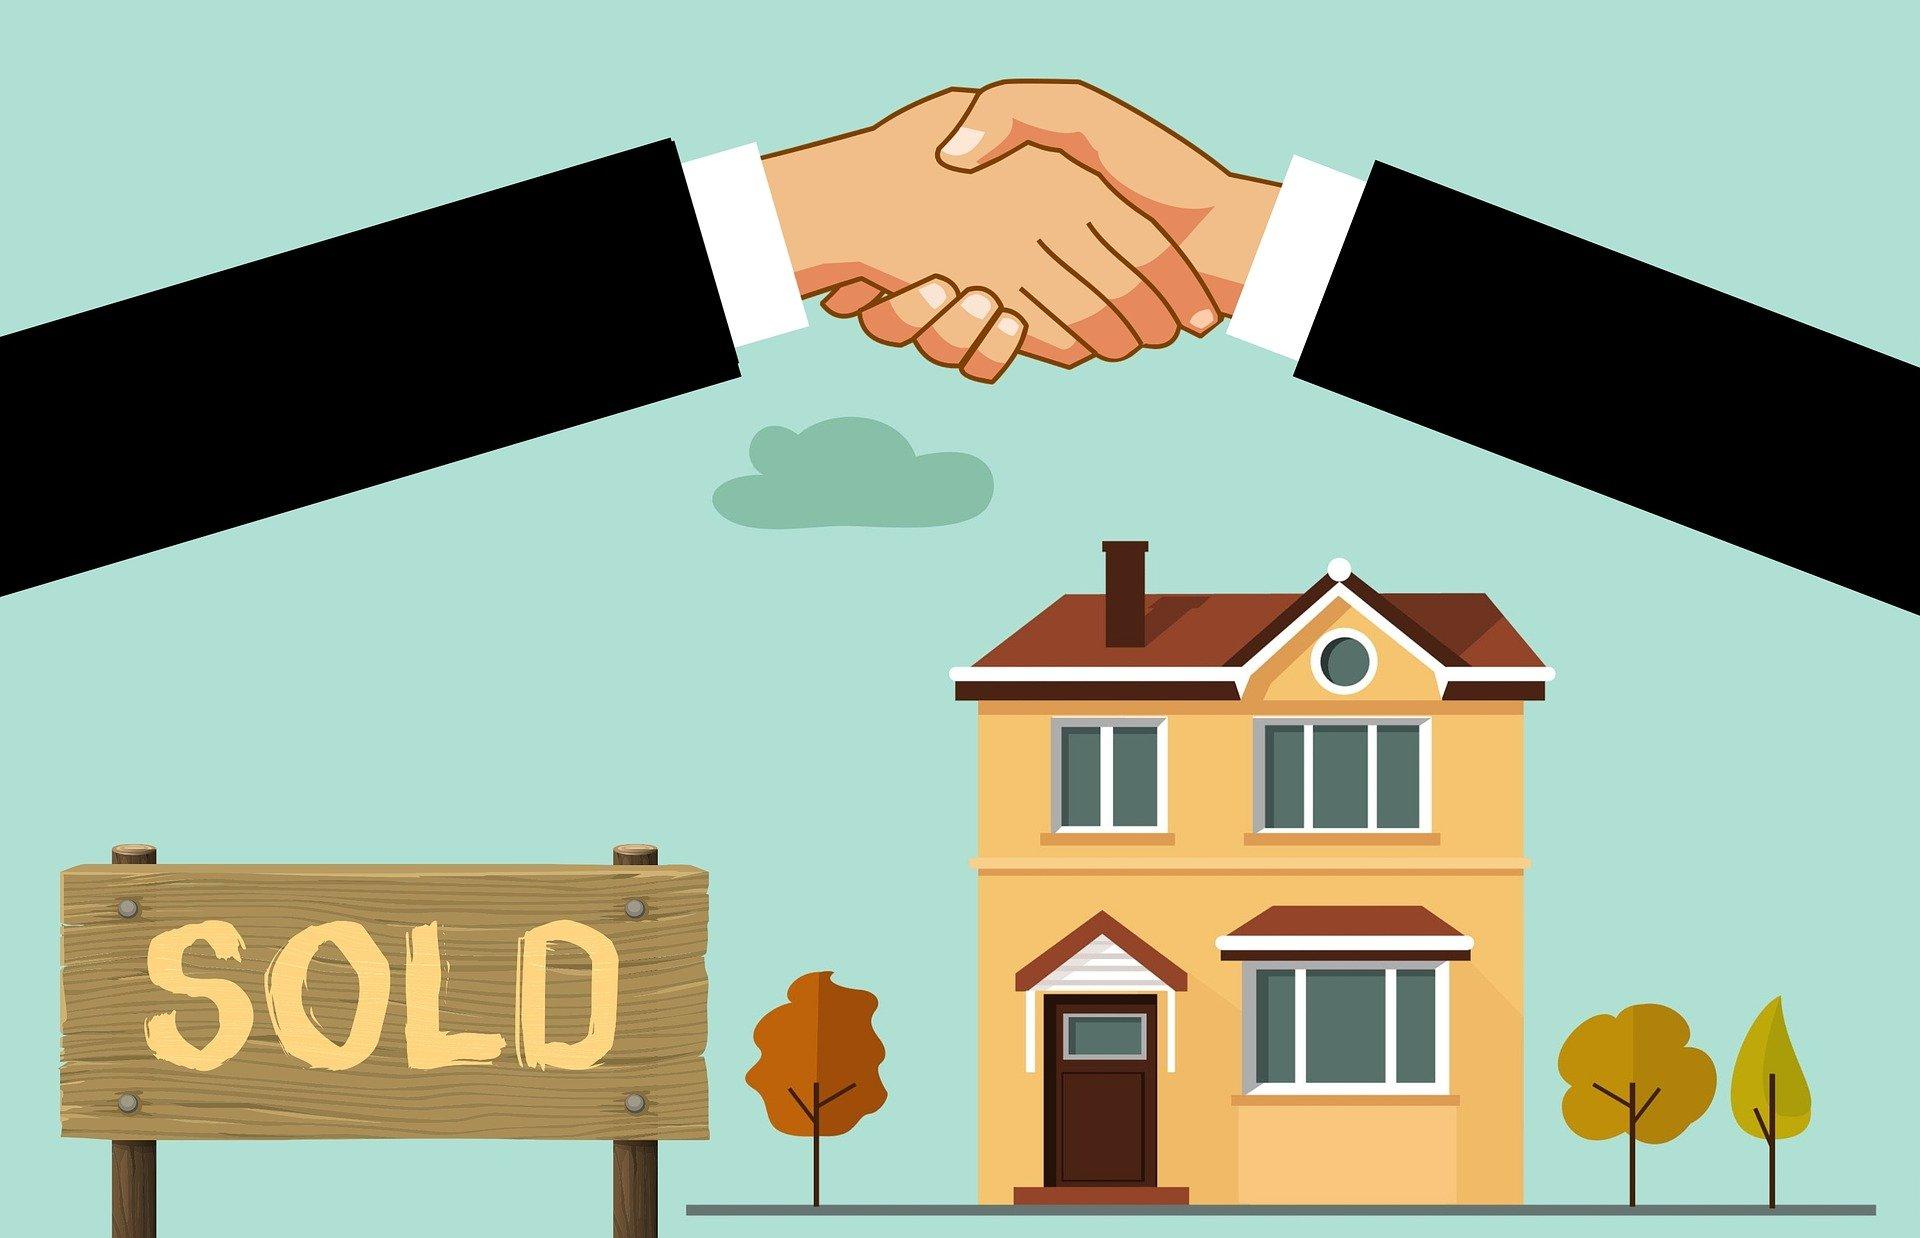 5 défauts qui font chuter la valeur d'un bien immobilier